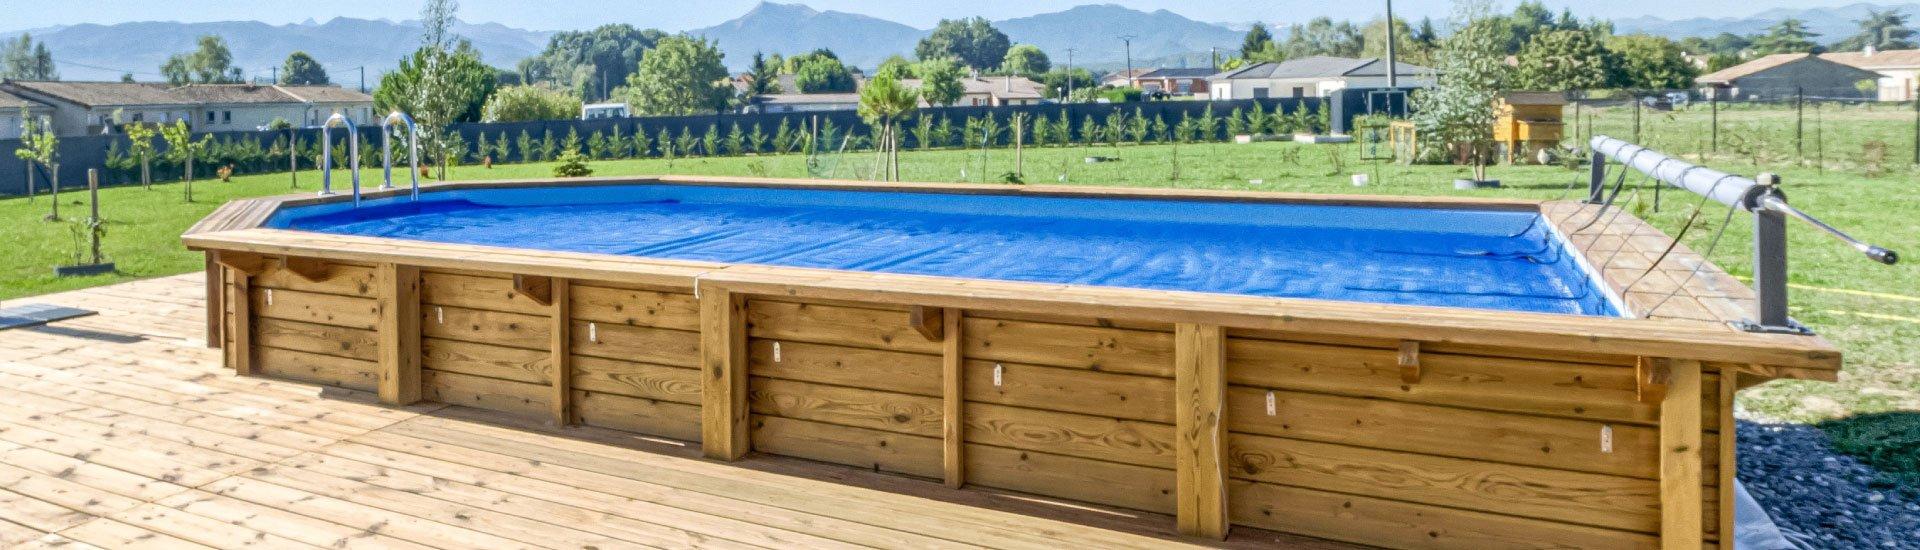 couverture-a-bulle-sur-une-piscine-bois-avec-enrouleur